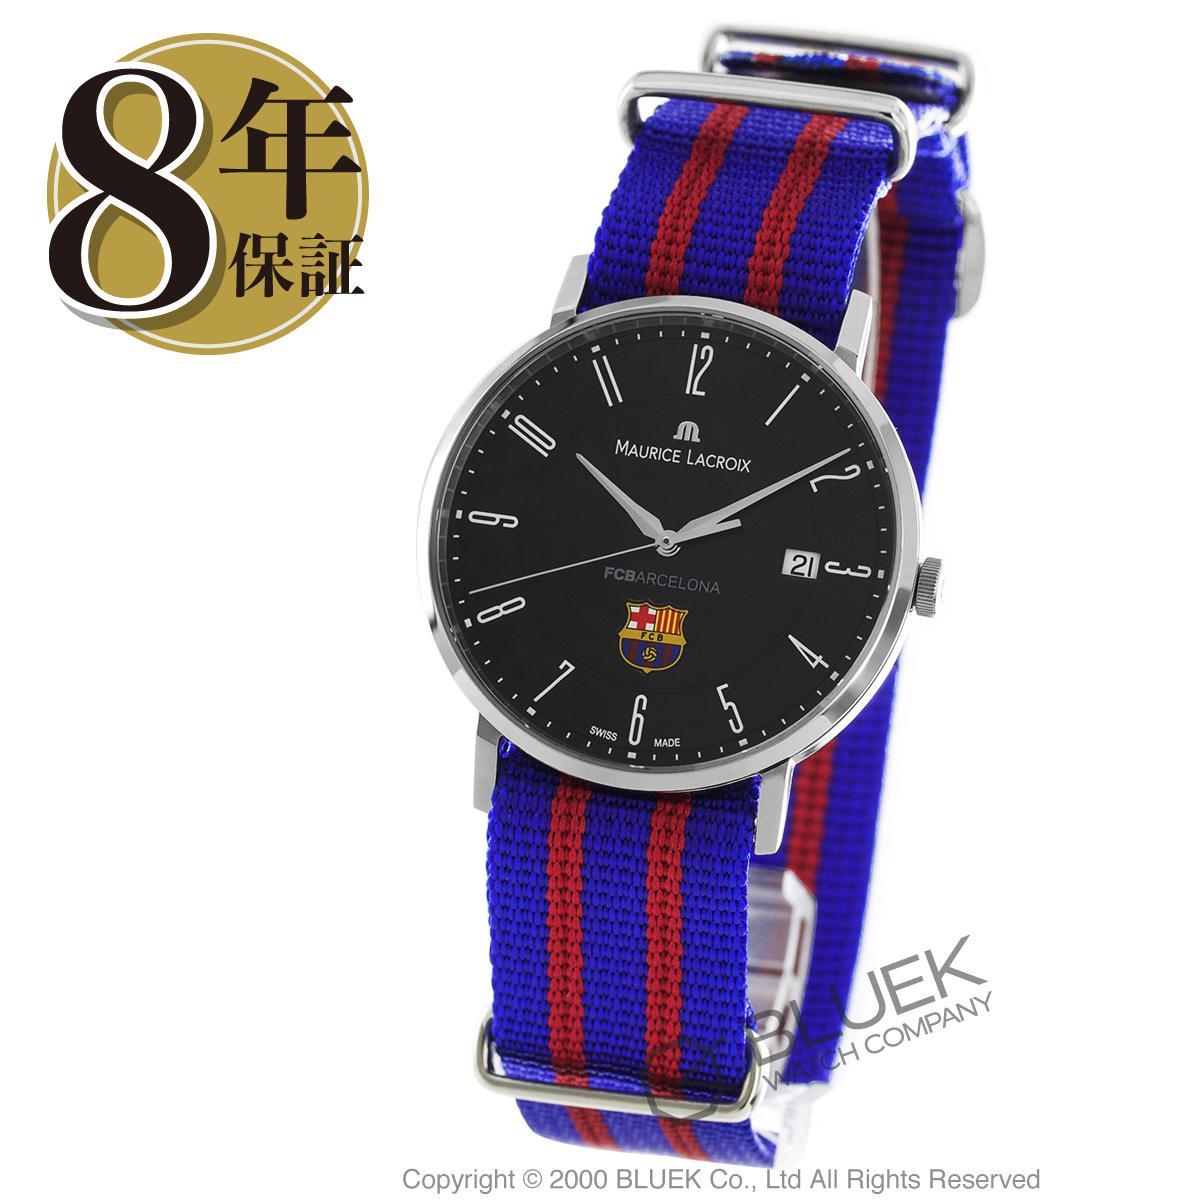 モーリス・ラクロア エリロス FCバルセロナ 替えベルト付き 腕時計 メンズ MAURICE LACROIX EL1087-SS002-320_8